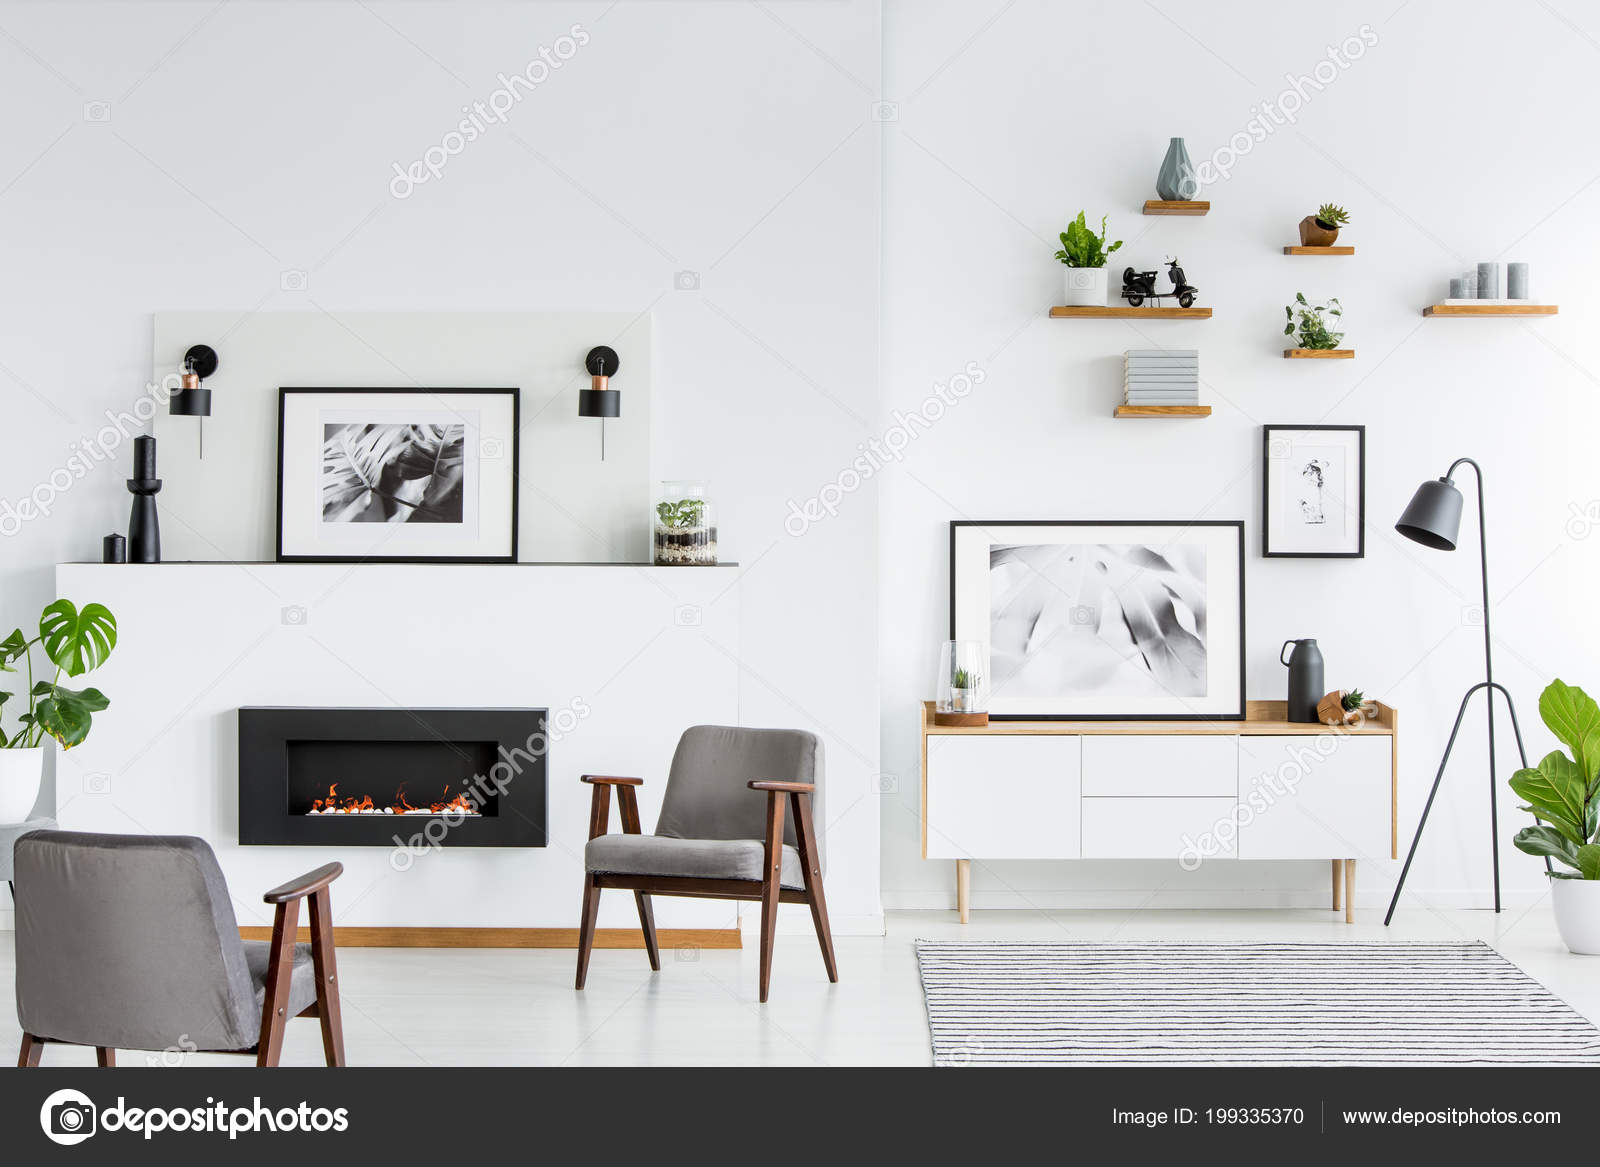 Grijze Fauteuils Witte Ruime Woonkamer Interieur Met Posters Open ...